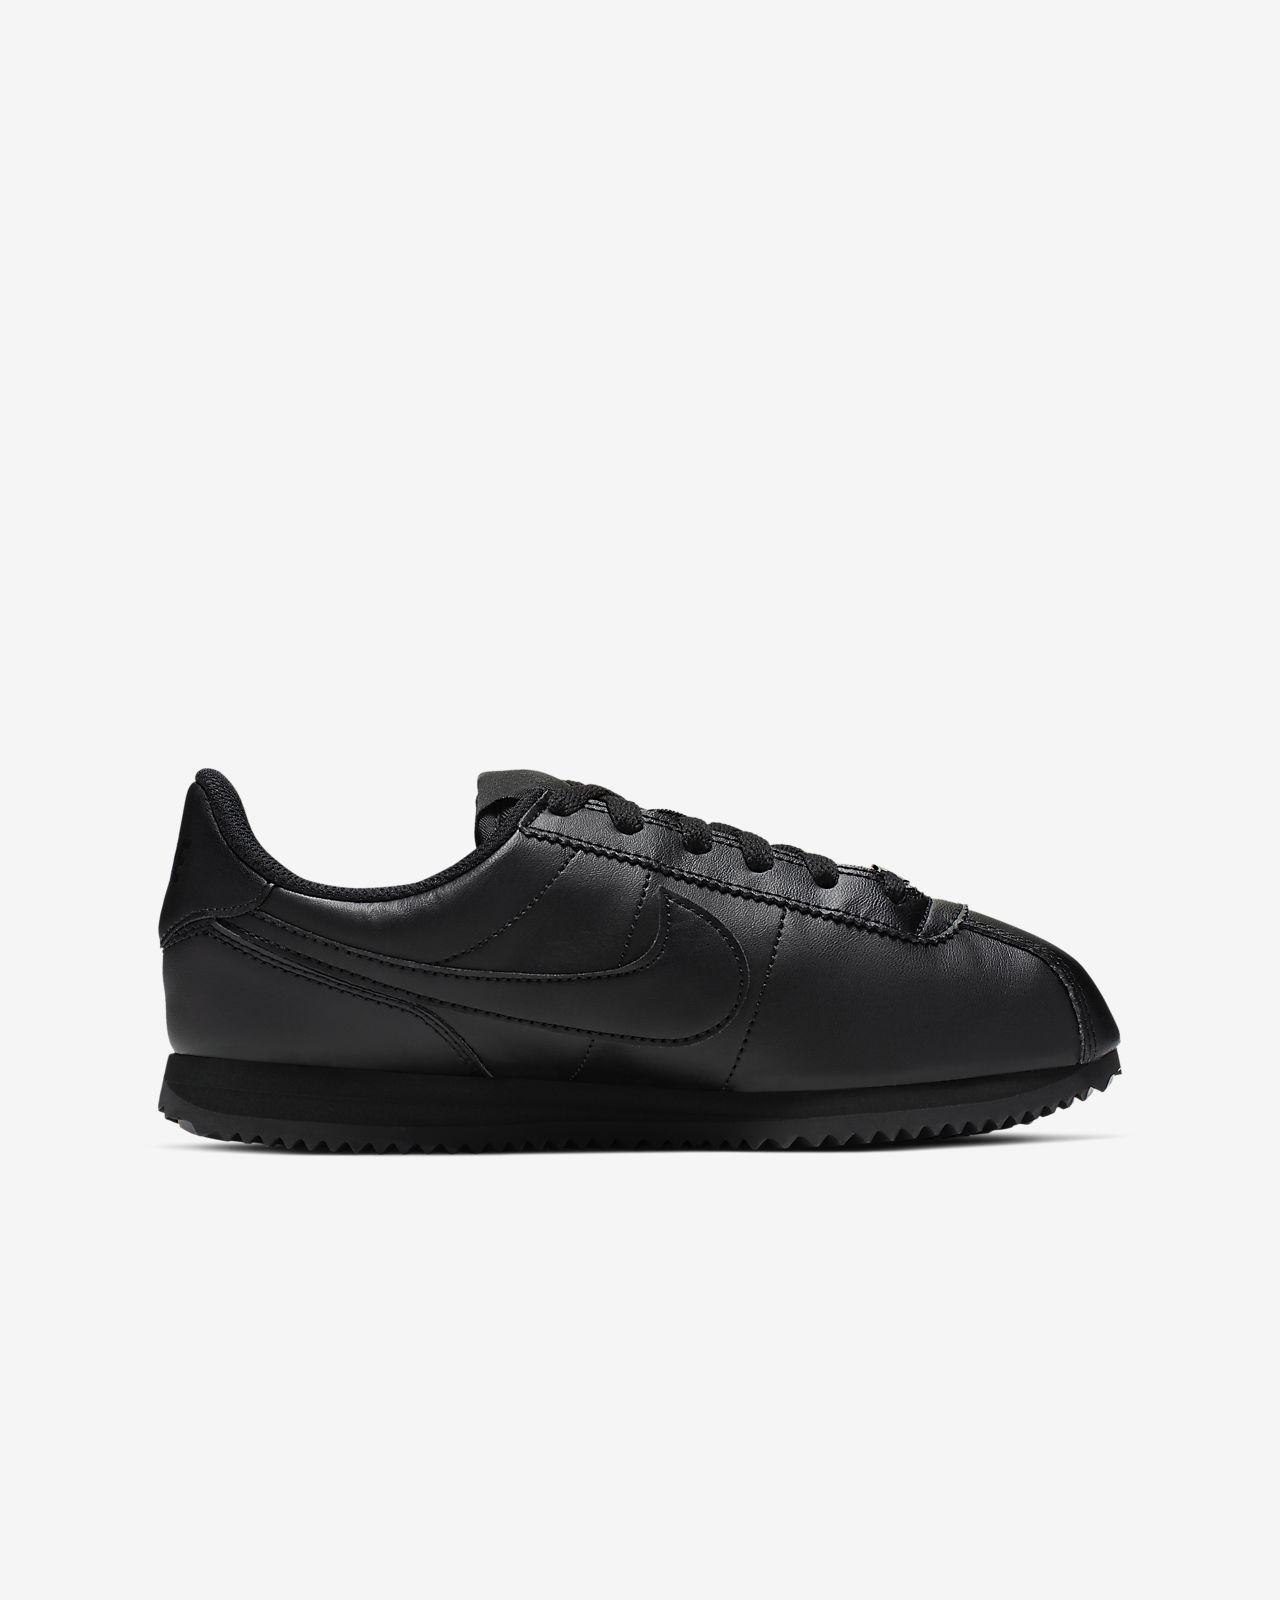 specjalne wyprzedaże zniżka specjalne wyprzedaże Buty dla dużych dzieci Nike Cortez Basic SL